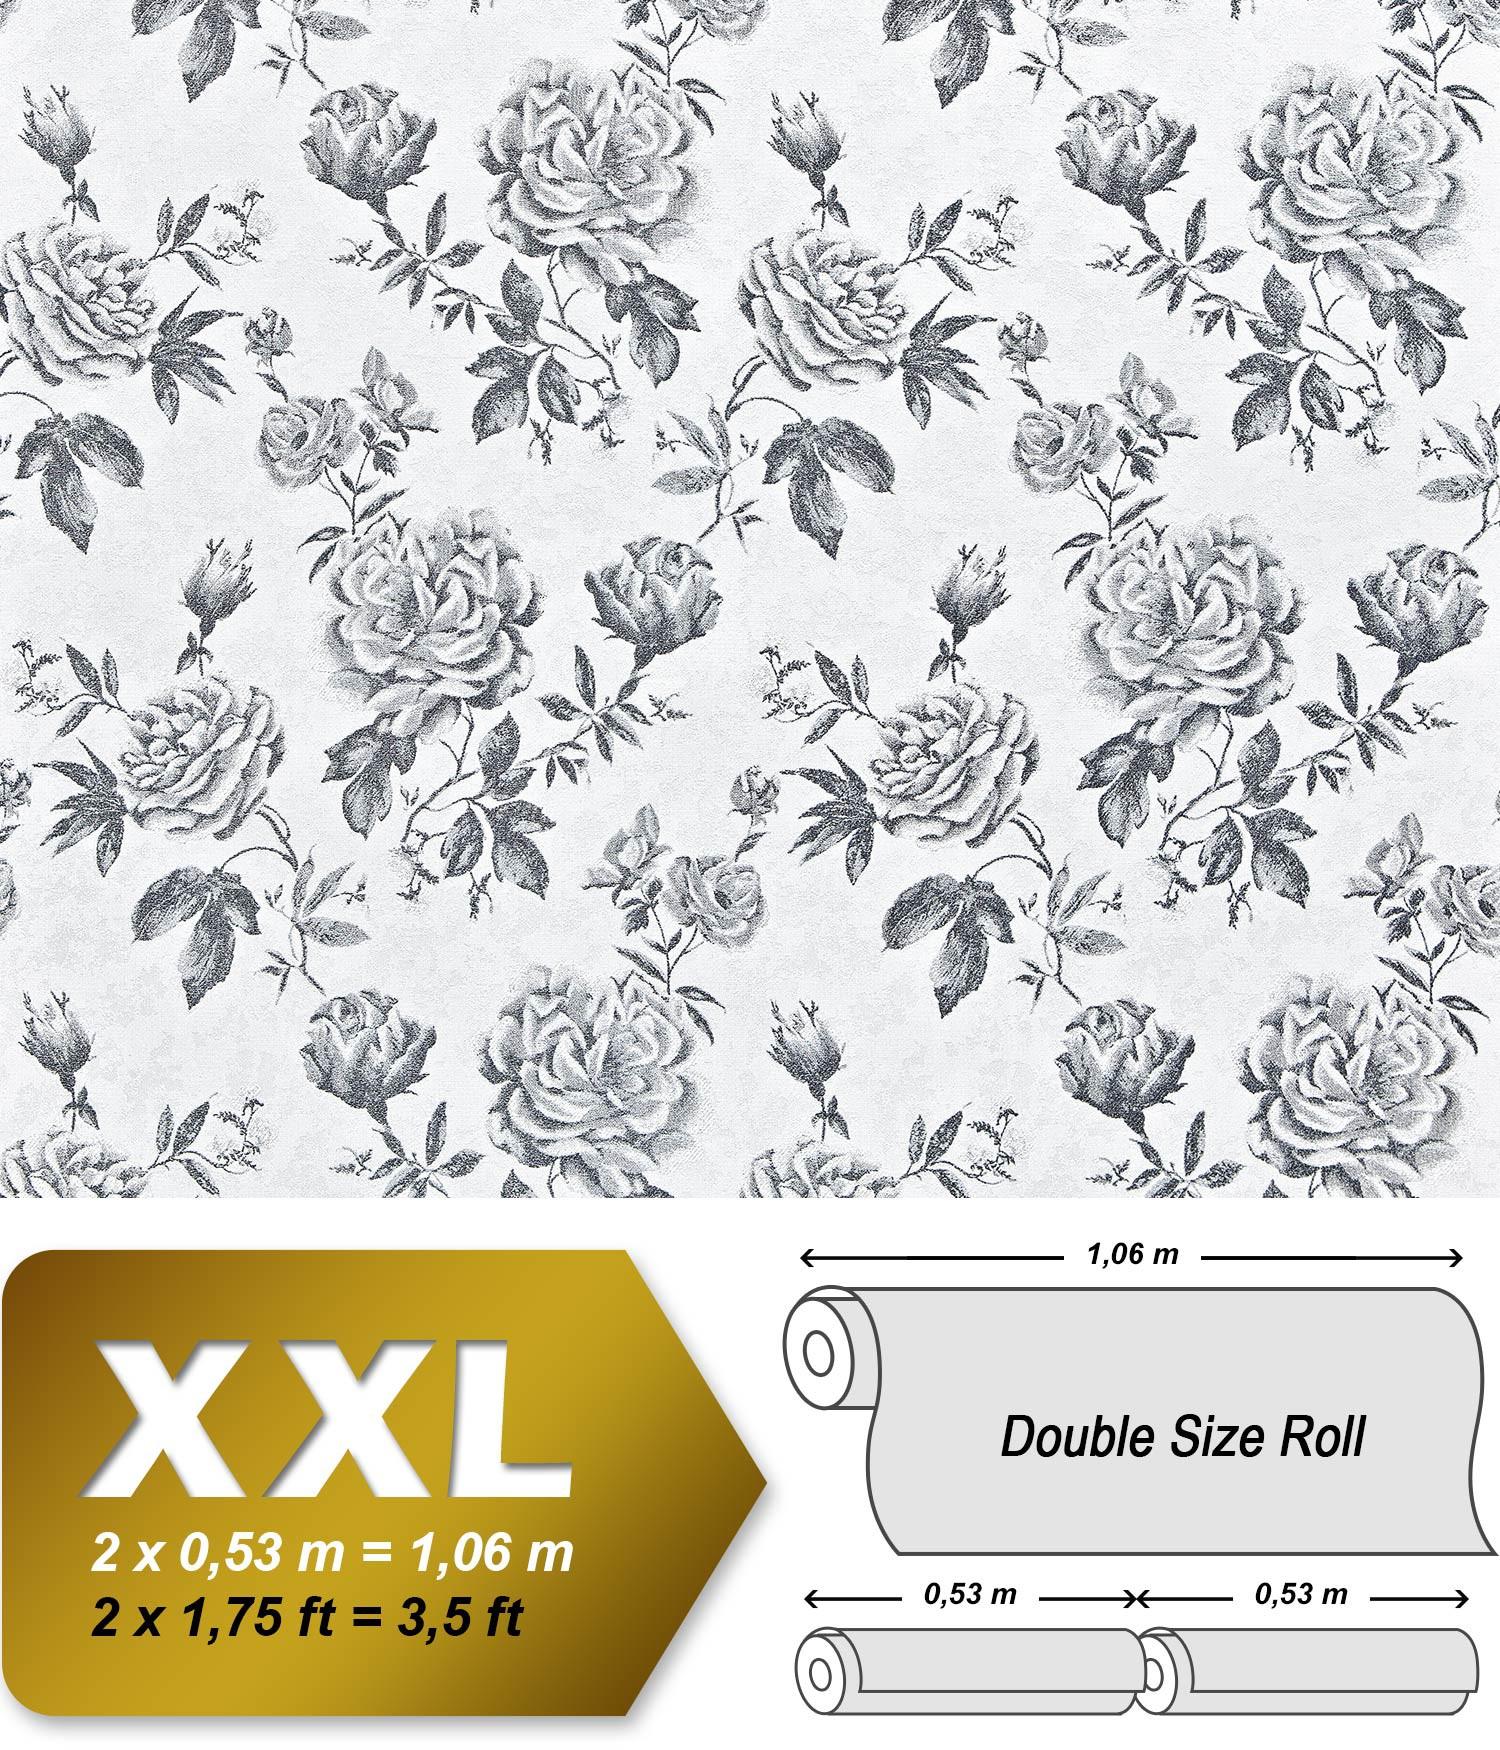 Bloemen vlies behang xxl edem 687 96 snelbehang gebloemd patroon rozen en bladeren zwart wit - Wit behang en grijs ...